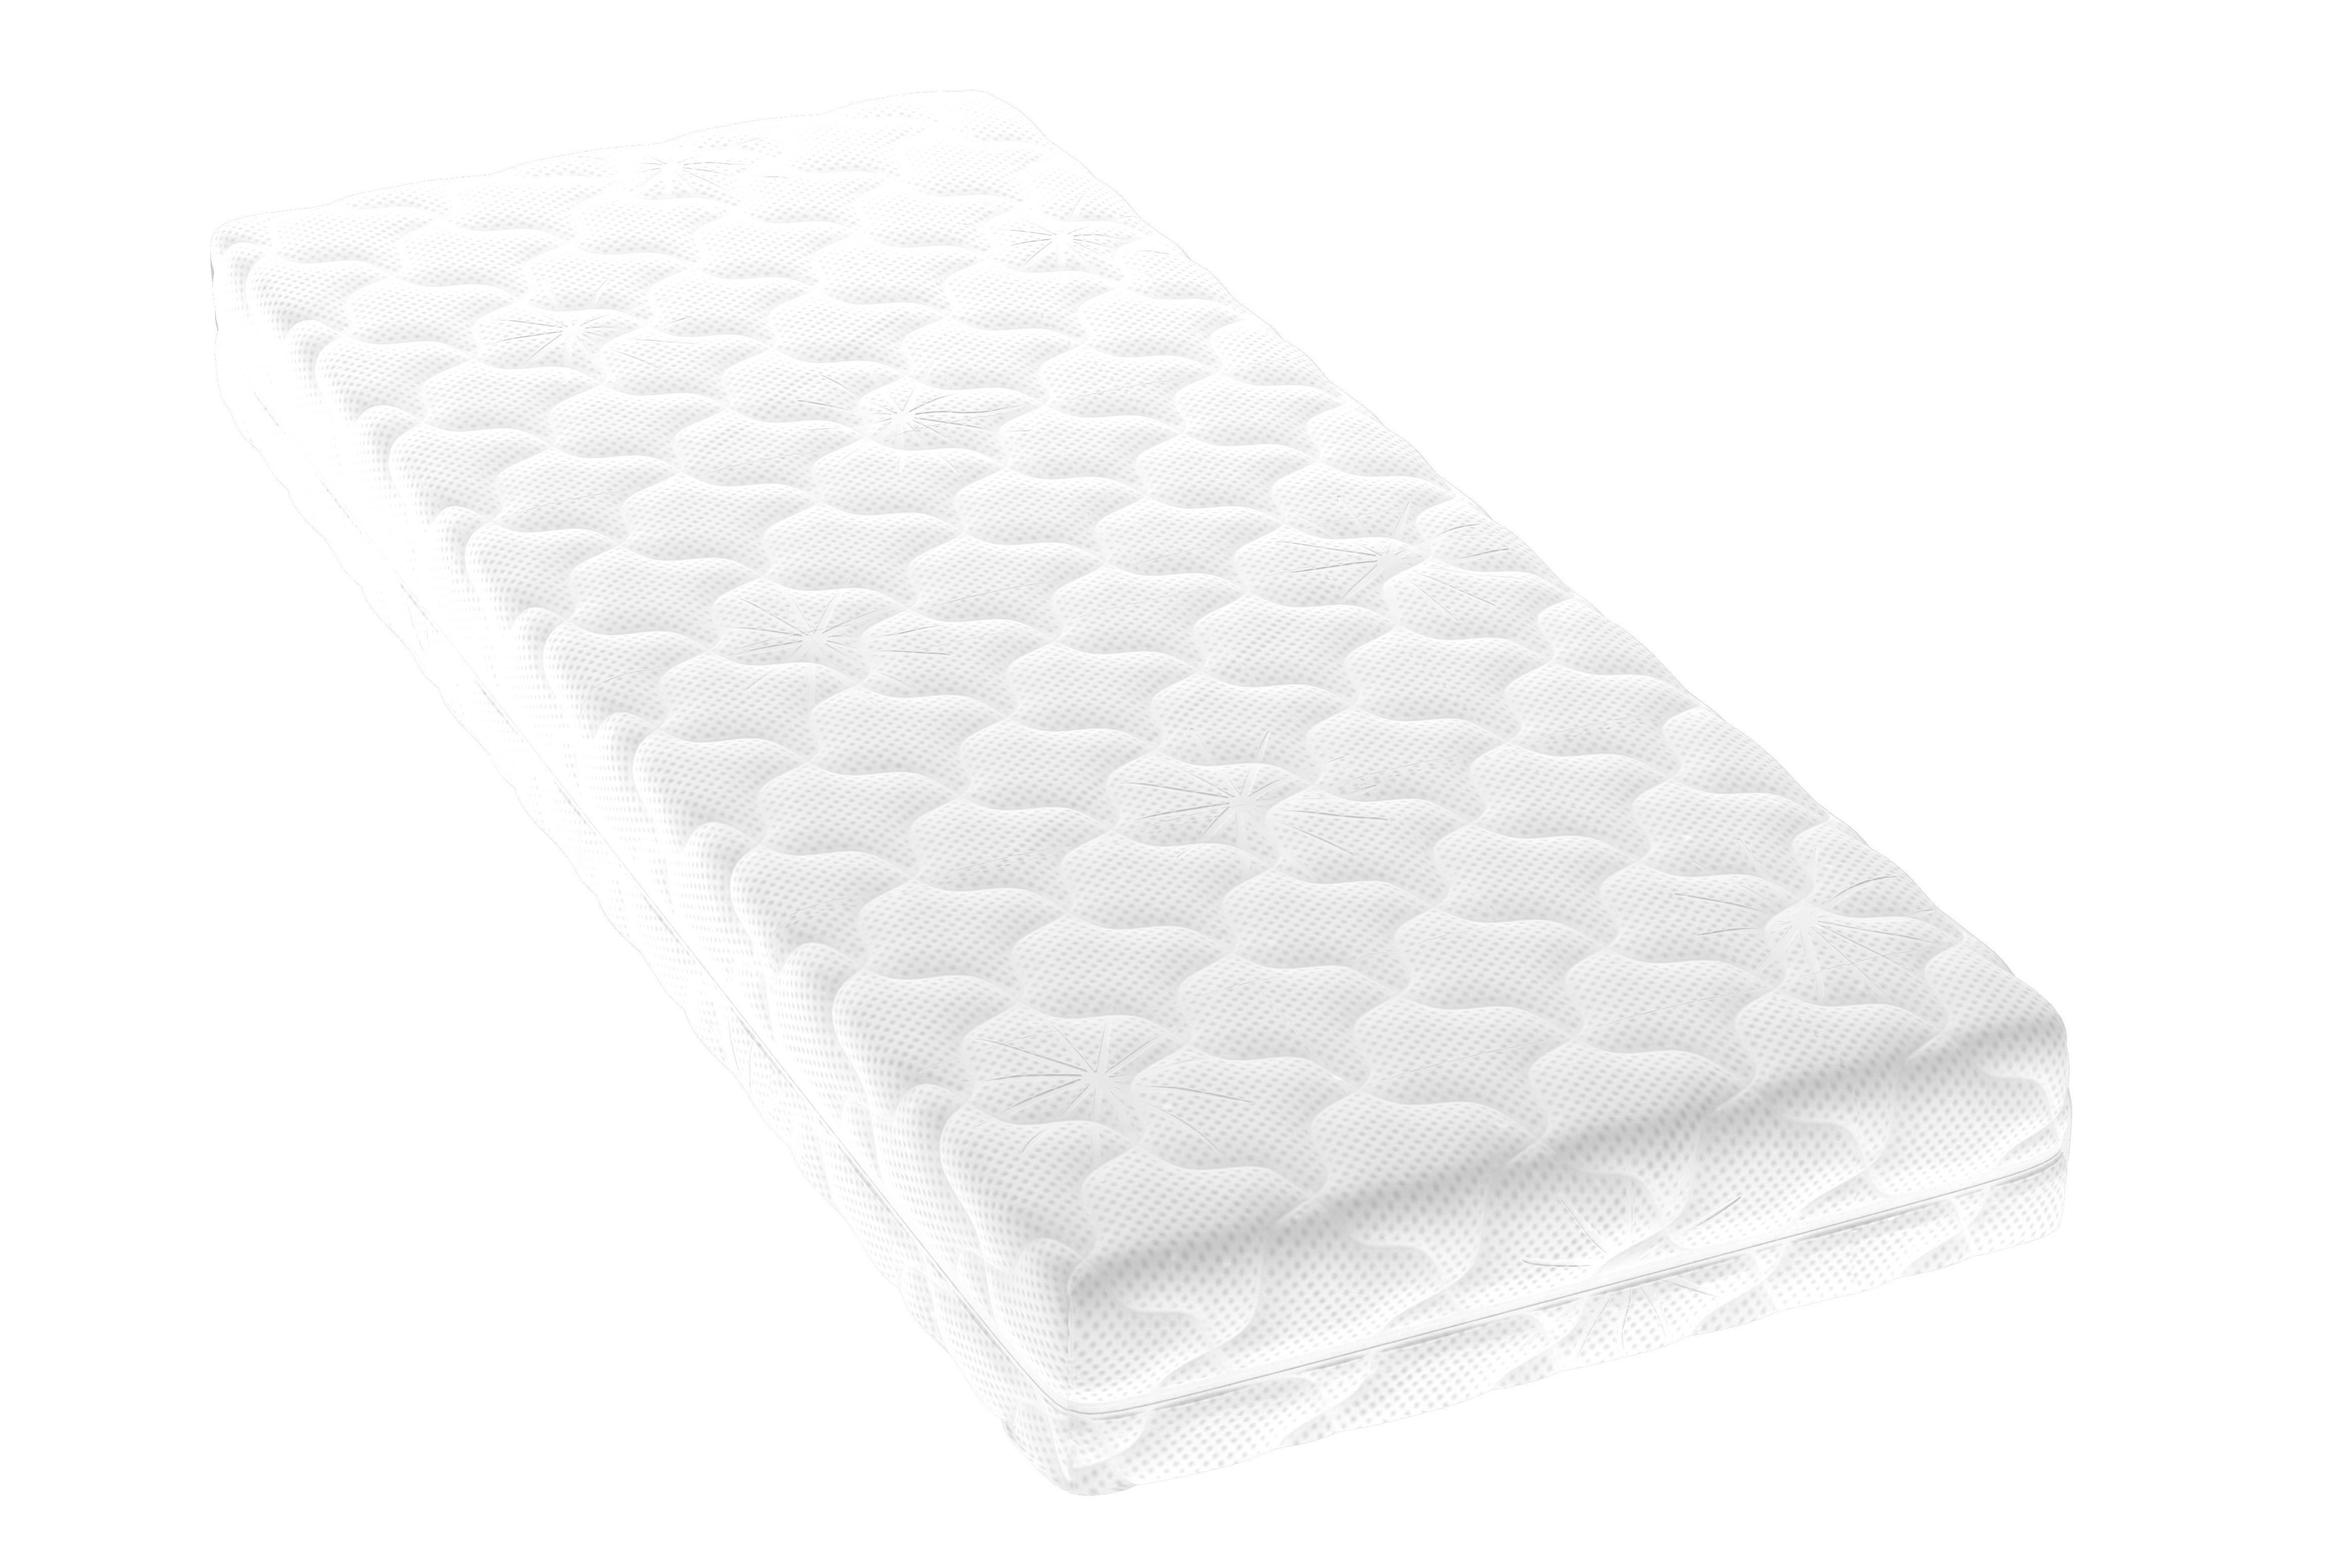 Матрас Tempo 200x180Беспружинные двуспальные матрасы<br>Матрас из современного эластичного материала Smartflex Soft. Материал мягок и приятен на ощупь, гипоаллергенен, благодаря своей пористой структуре хорошо вентилируется.&amp;amp;nbsp;&amp;lt;div&amp;gt;&amp;lt;br&amp;gt;&amp;lt;/div&amp;gt;&amp;lt;div&amp;gt;Компактная упаковка в виде рулона и небольшой вес облегчают транспортировку матраса, делая его идеальным для быстрого обустройства спального места. Чехол из практичной трикотажной ткани Jersey, делающей его простым в уходе. Ткань чехла мягкая и эластичная на ощупь, имеет приятную фактуру, не сминается, устойчива к пятнам, не способствует размножению бактерий и пылевых клещей.&amp;amp;nbsp;&amp;lt;/div&amp;gt;&amp;lt;div&amp;gt;Матрас Tempo – для тех, кто привык жить в быстром темпе!&amp;lt;/div&amp;gt;<br><br>Material: Текстиль<br>Ширина см: 180<br>Высота см: 17<br>Глубина см: 200